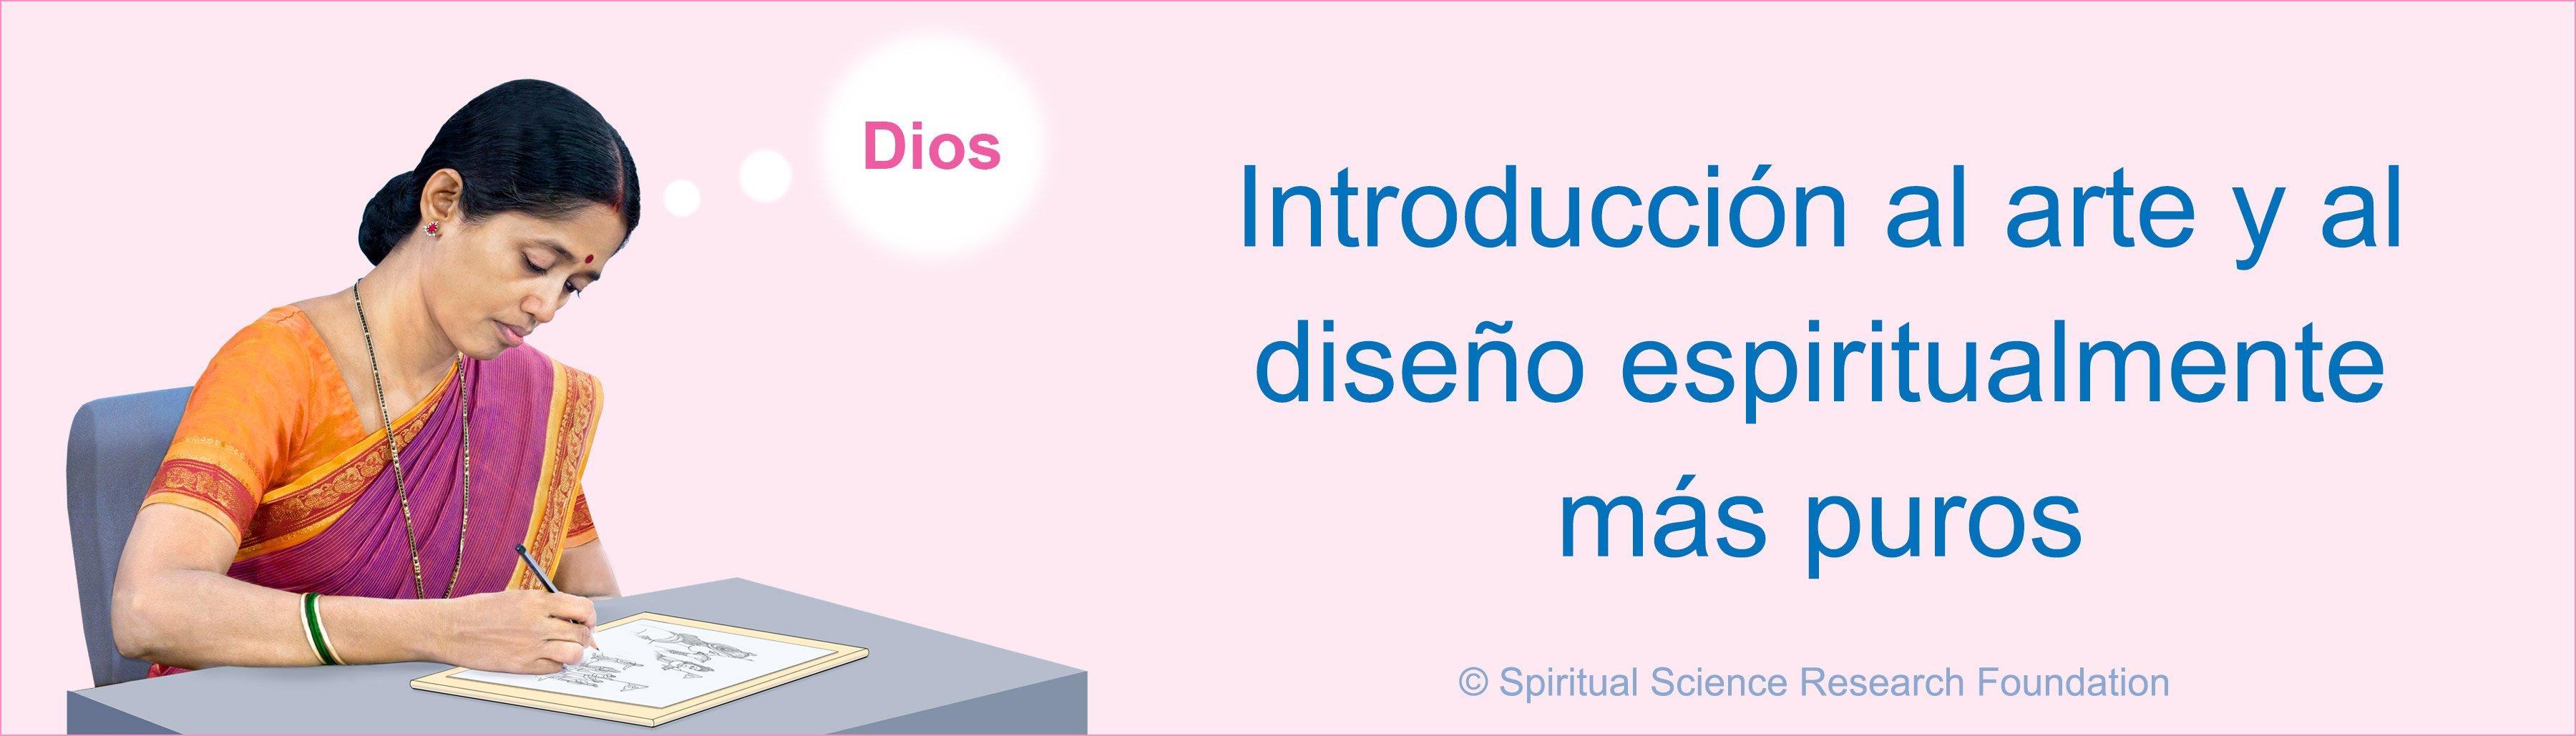 Introducción al arte y al diseño espiritualmente más puros